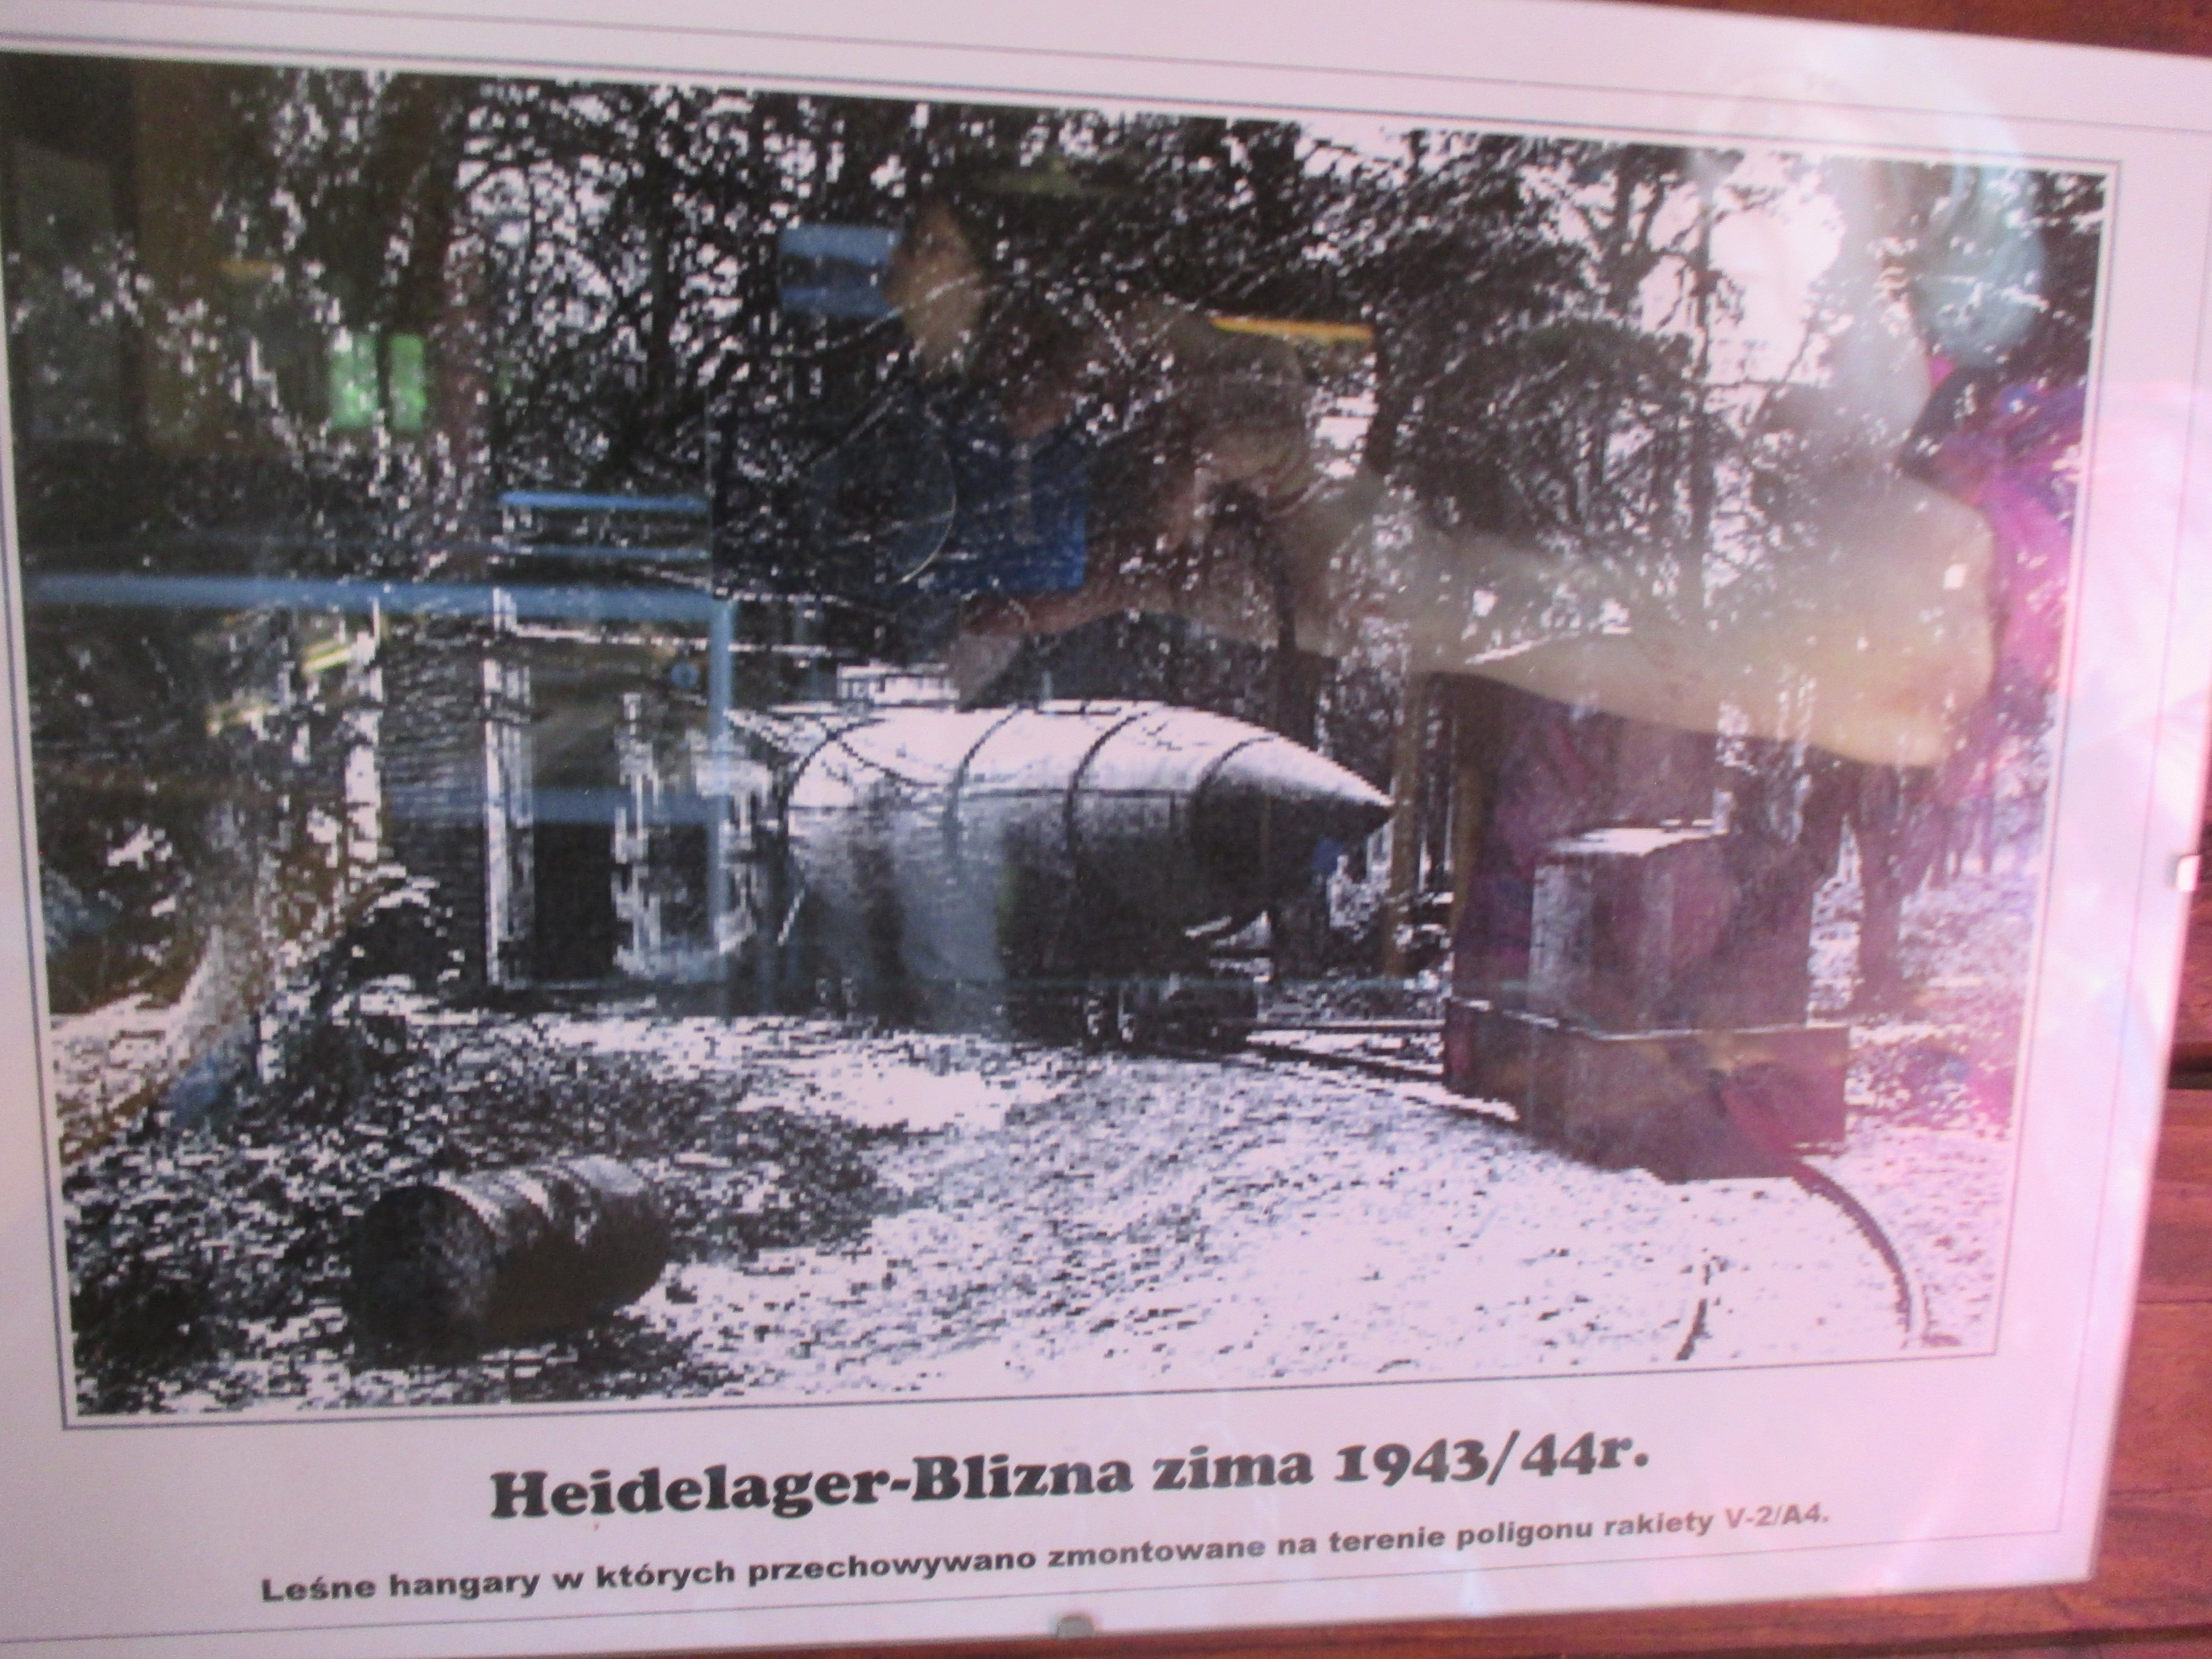 Heidelager Blizna 1943